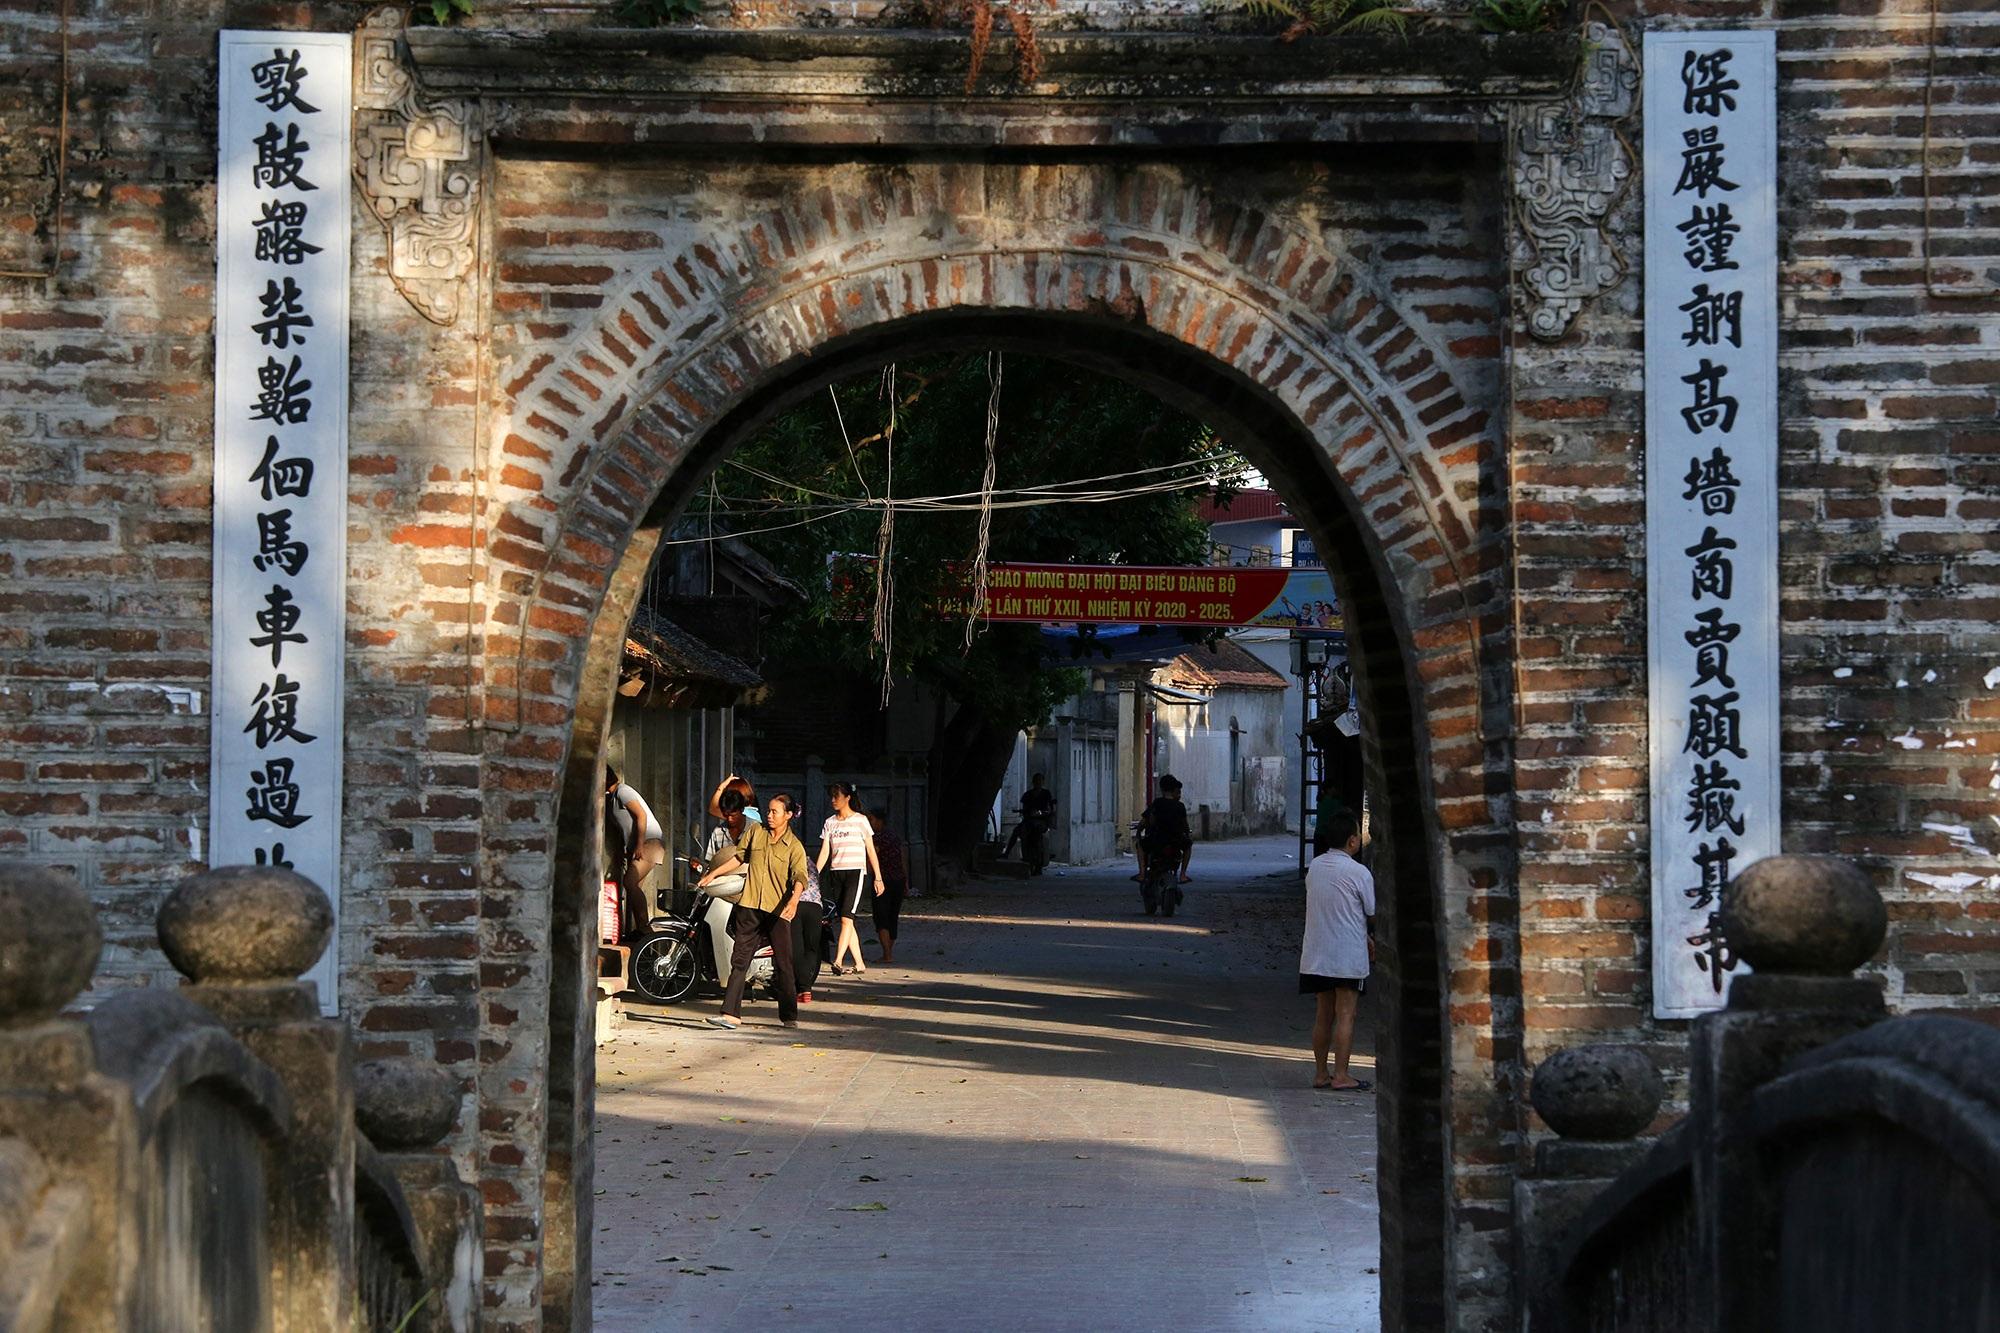 Khám phá vẻ đẹp của cổng làng đồ sộ trải qua 5 thế kỷ tại ngoại ô Hà Nội - 6